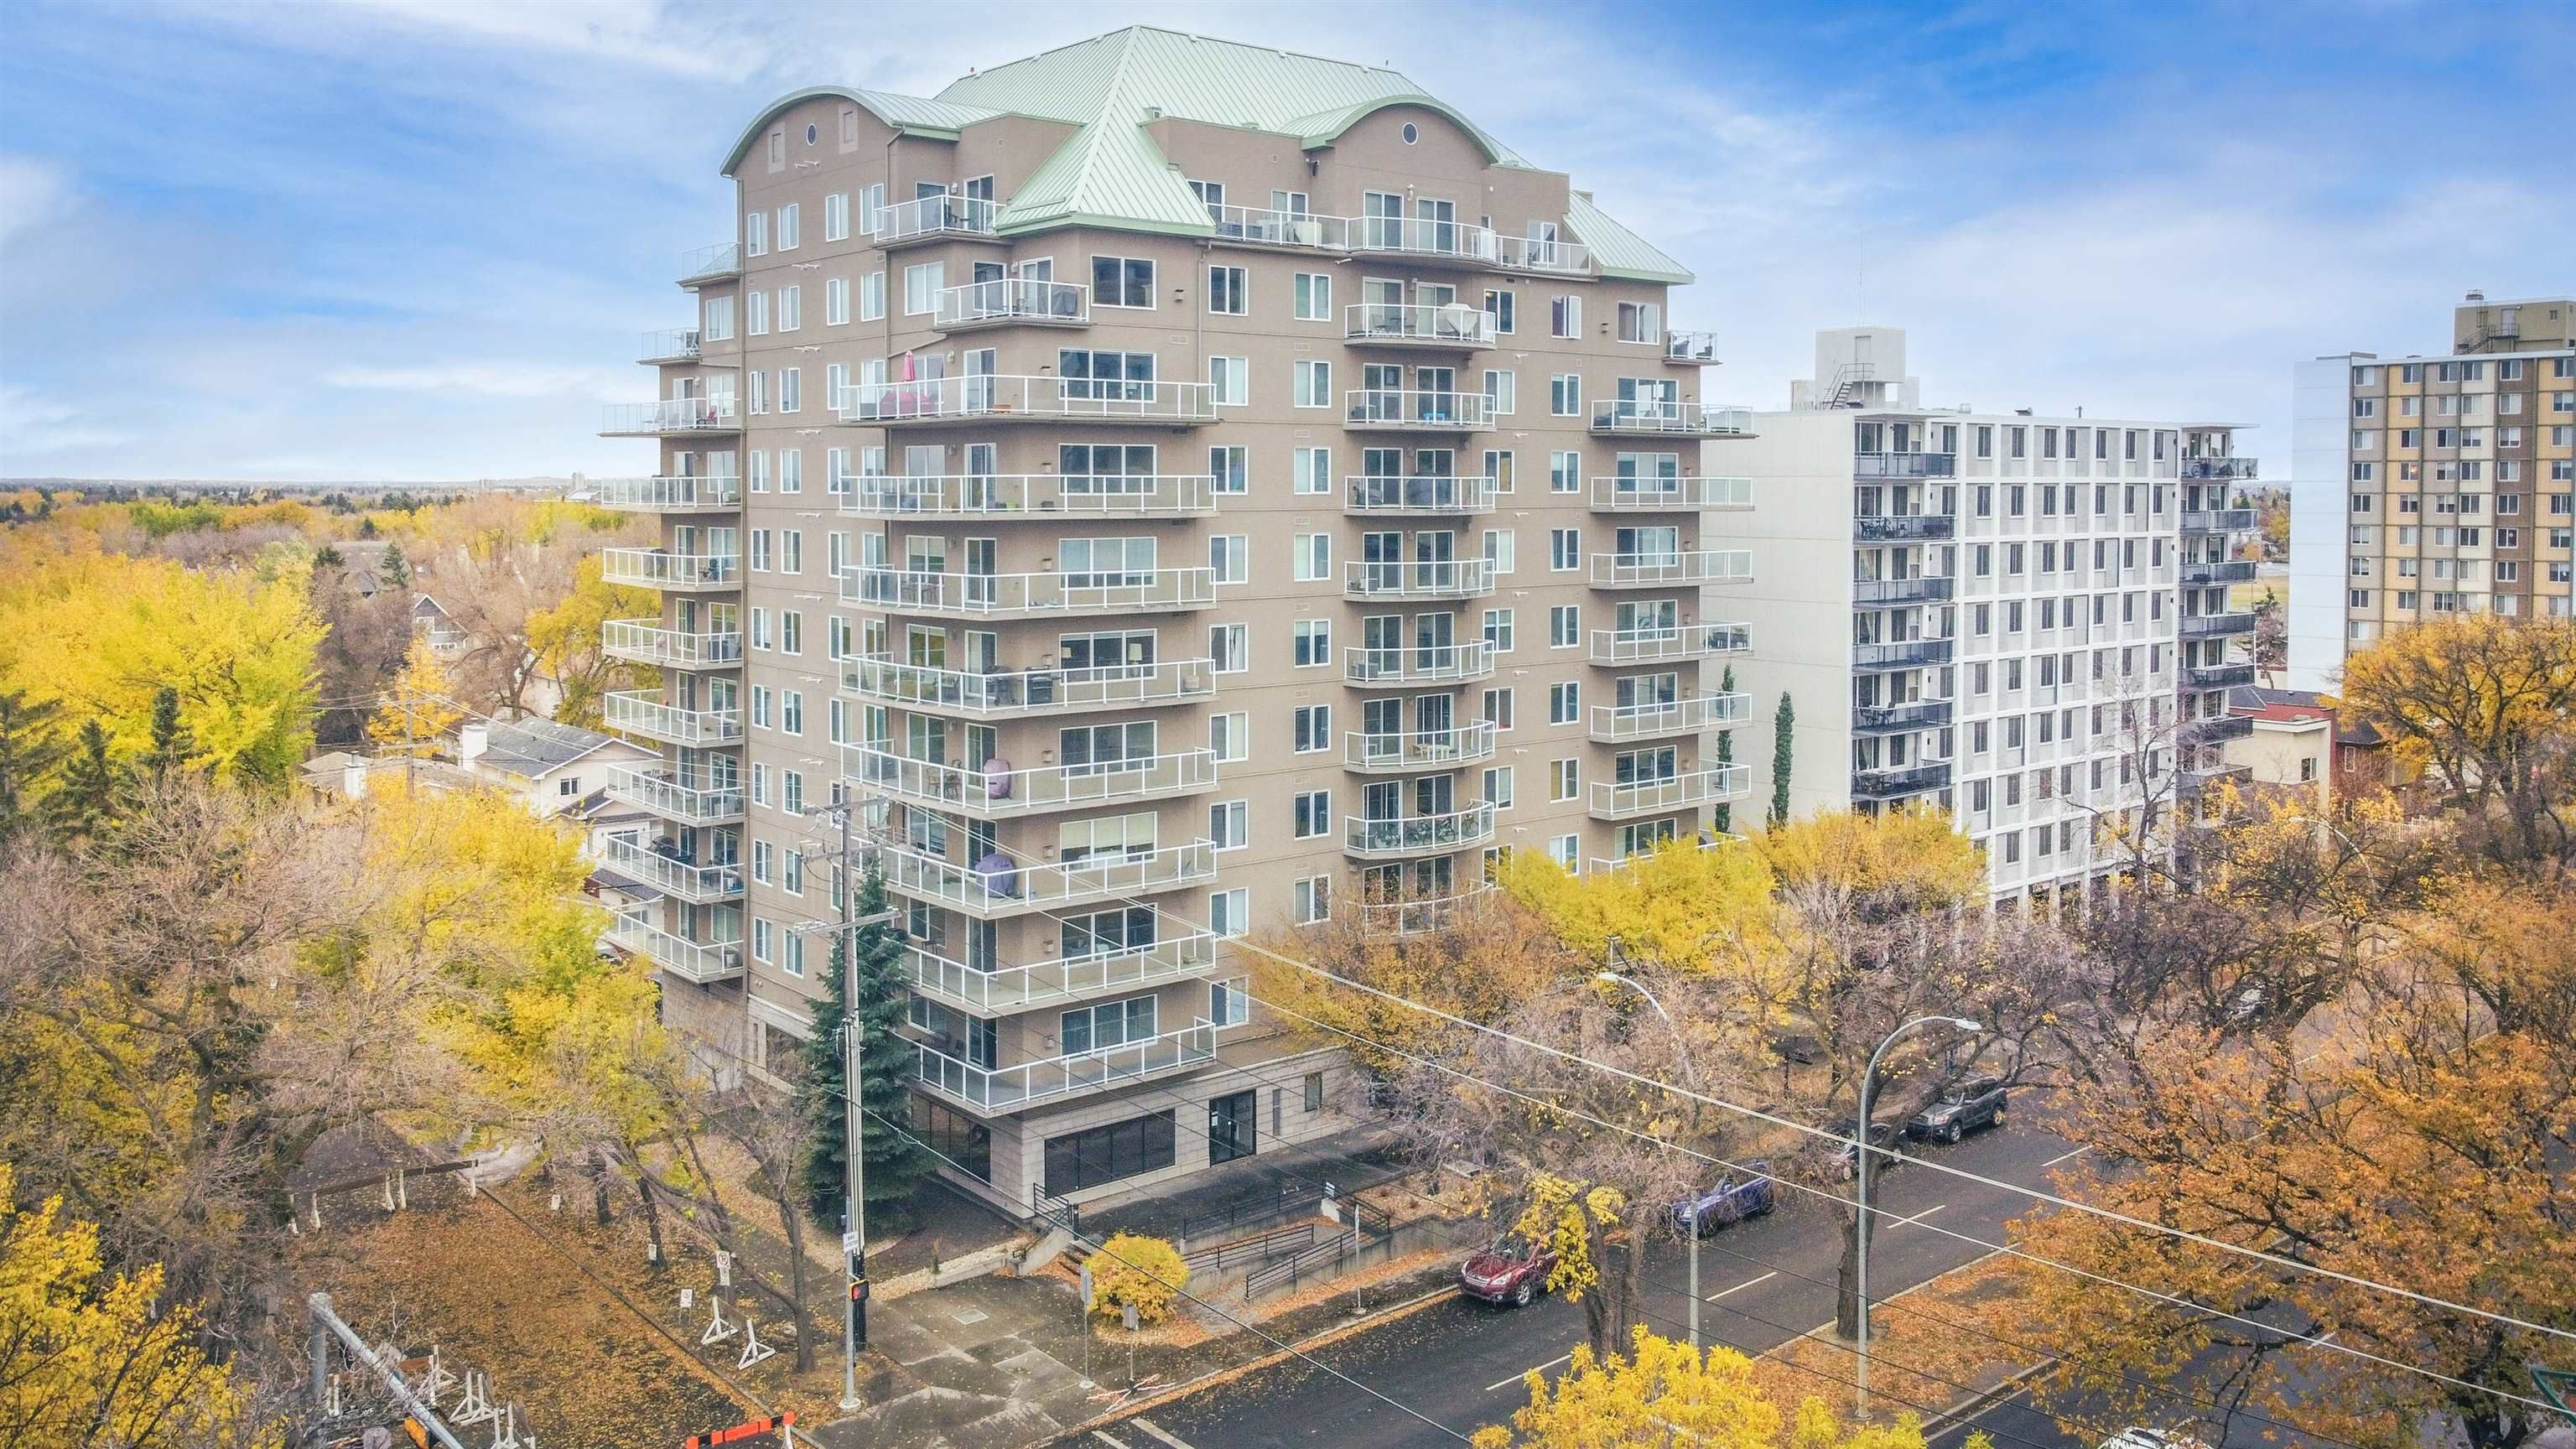 Main Photo: 207 11111 82 Avenue in Edmonton: Zone 15 Condo for sale : MLS®# E4266488